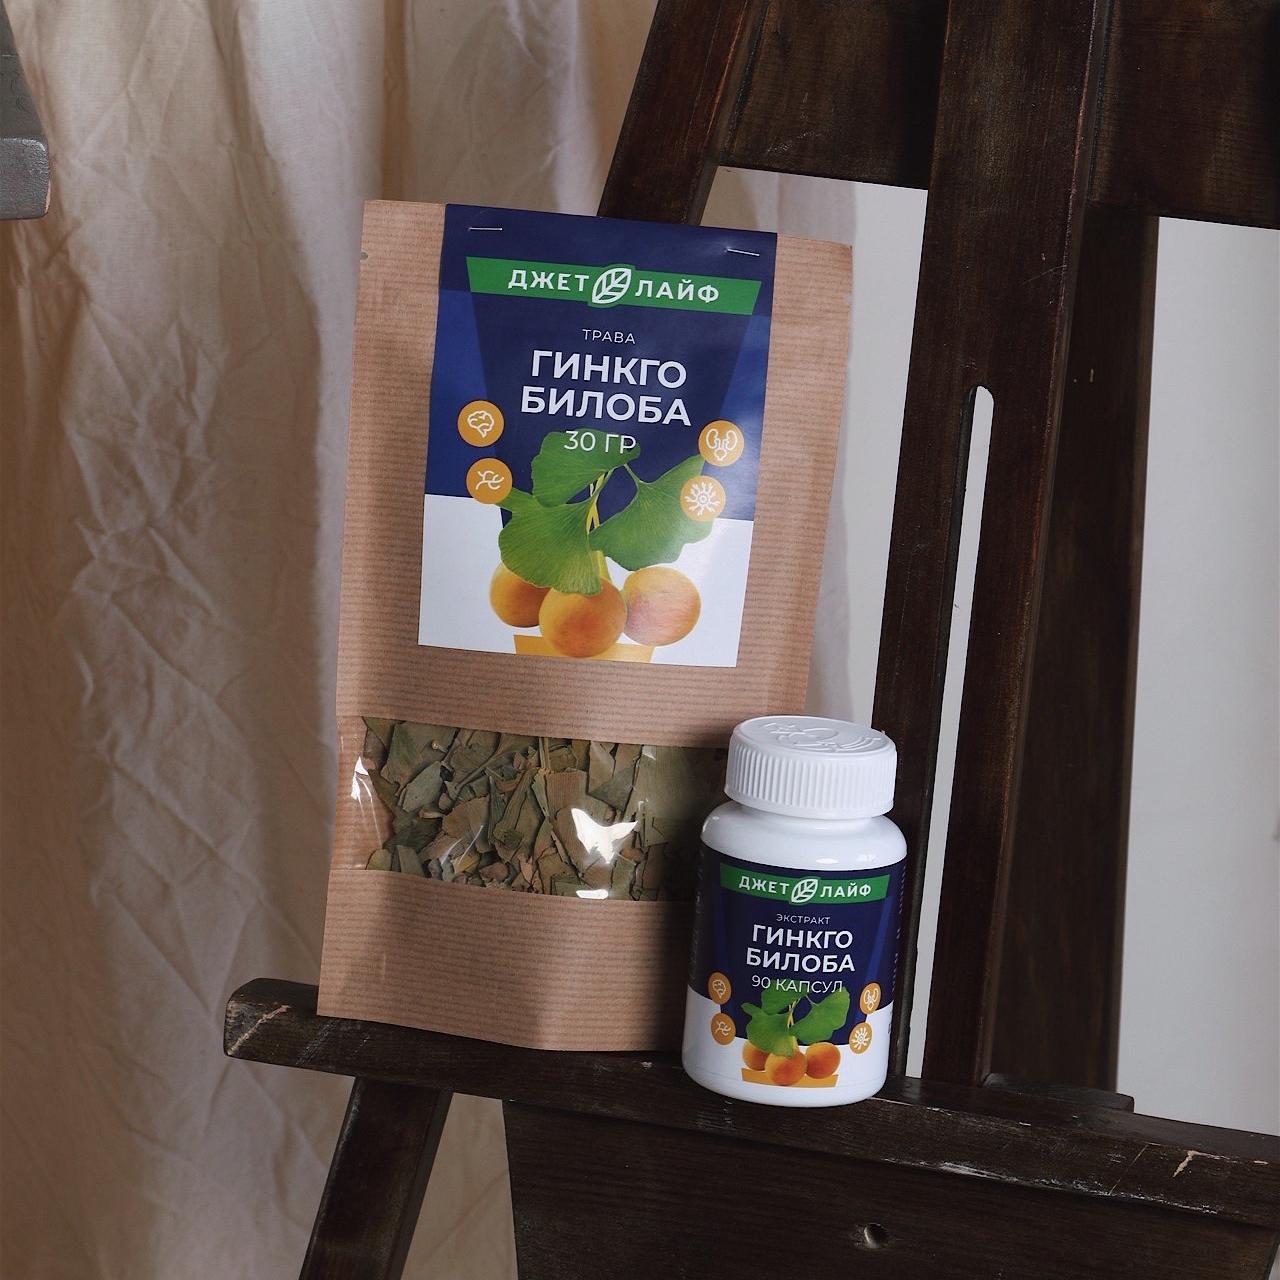 Гинкго билоба в капсулах и сухие листья гинкго (трава)